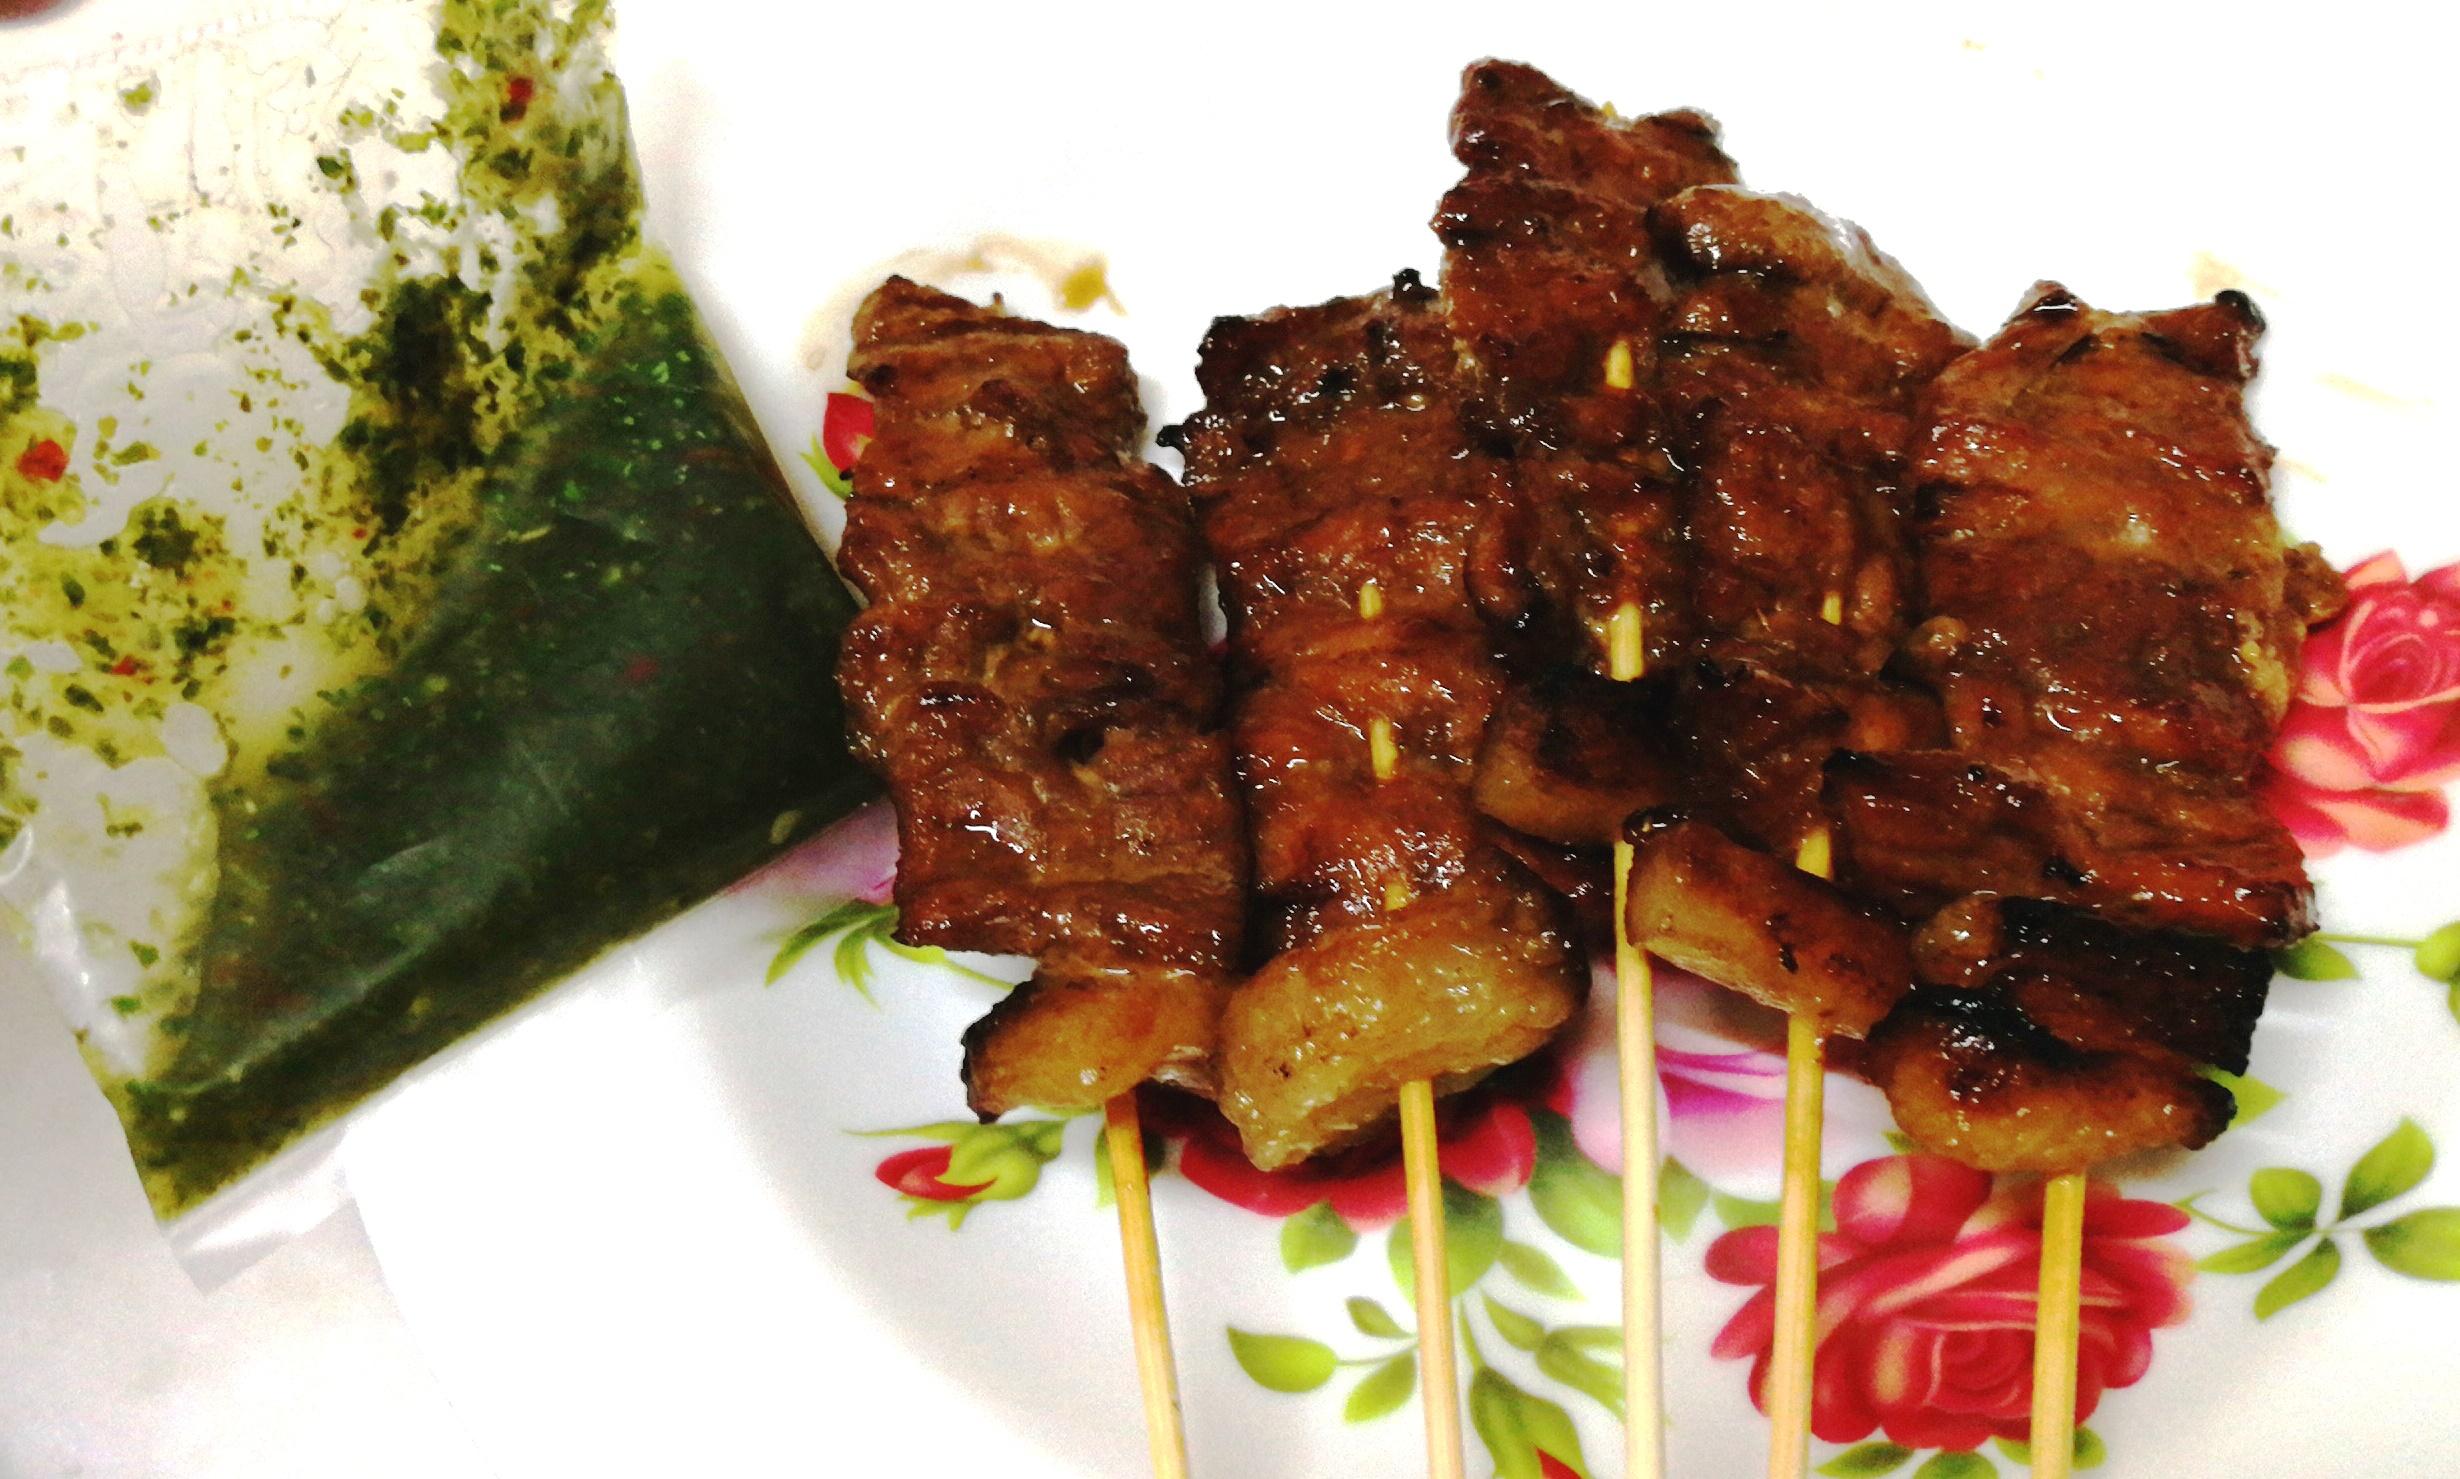 这档猪肉沙爹不止烤得金黄香脆,若淋上酸辣的特制青酱更能去油腻以及刺激你的味蕾。-M中文网摄-